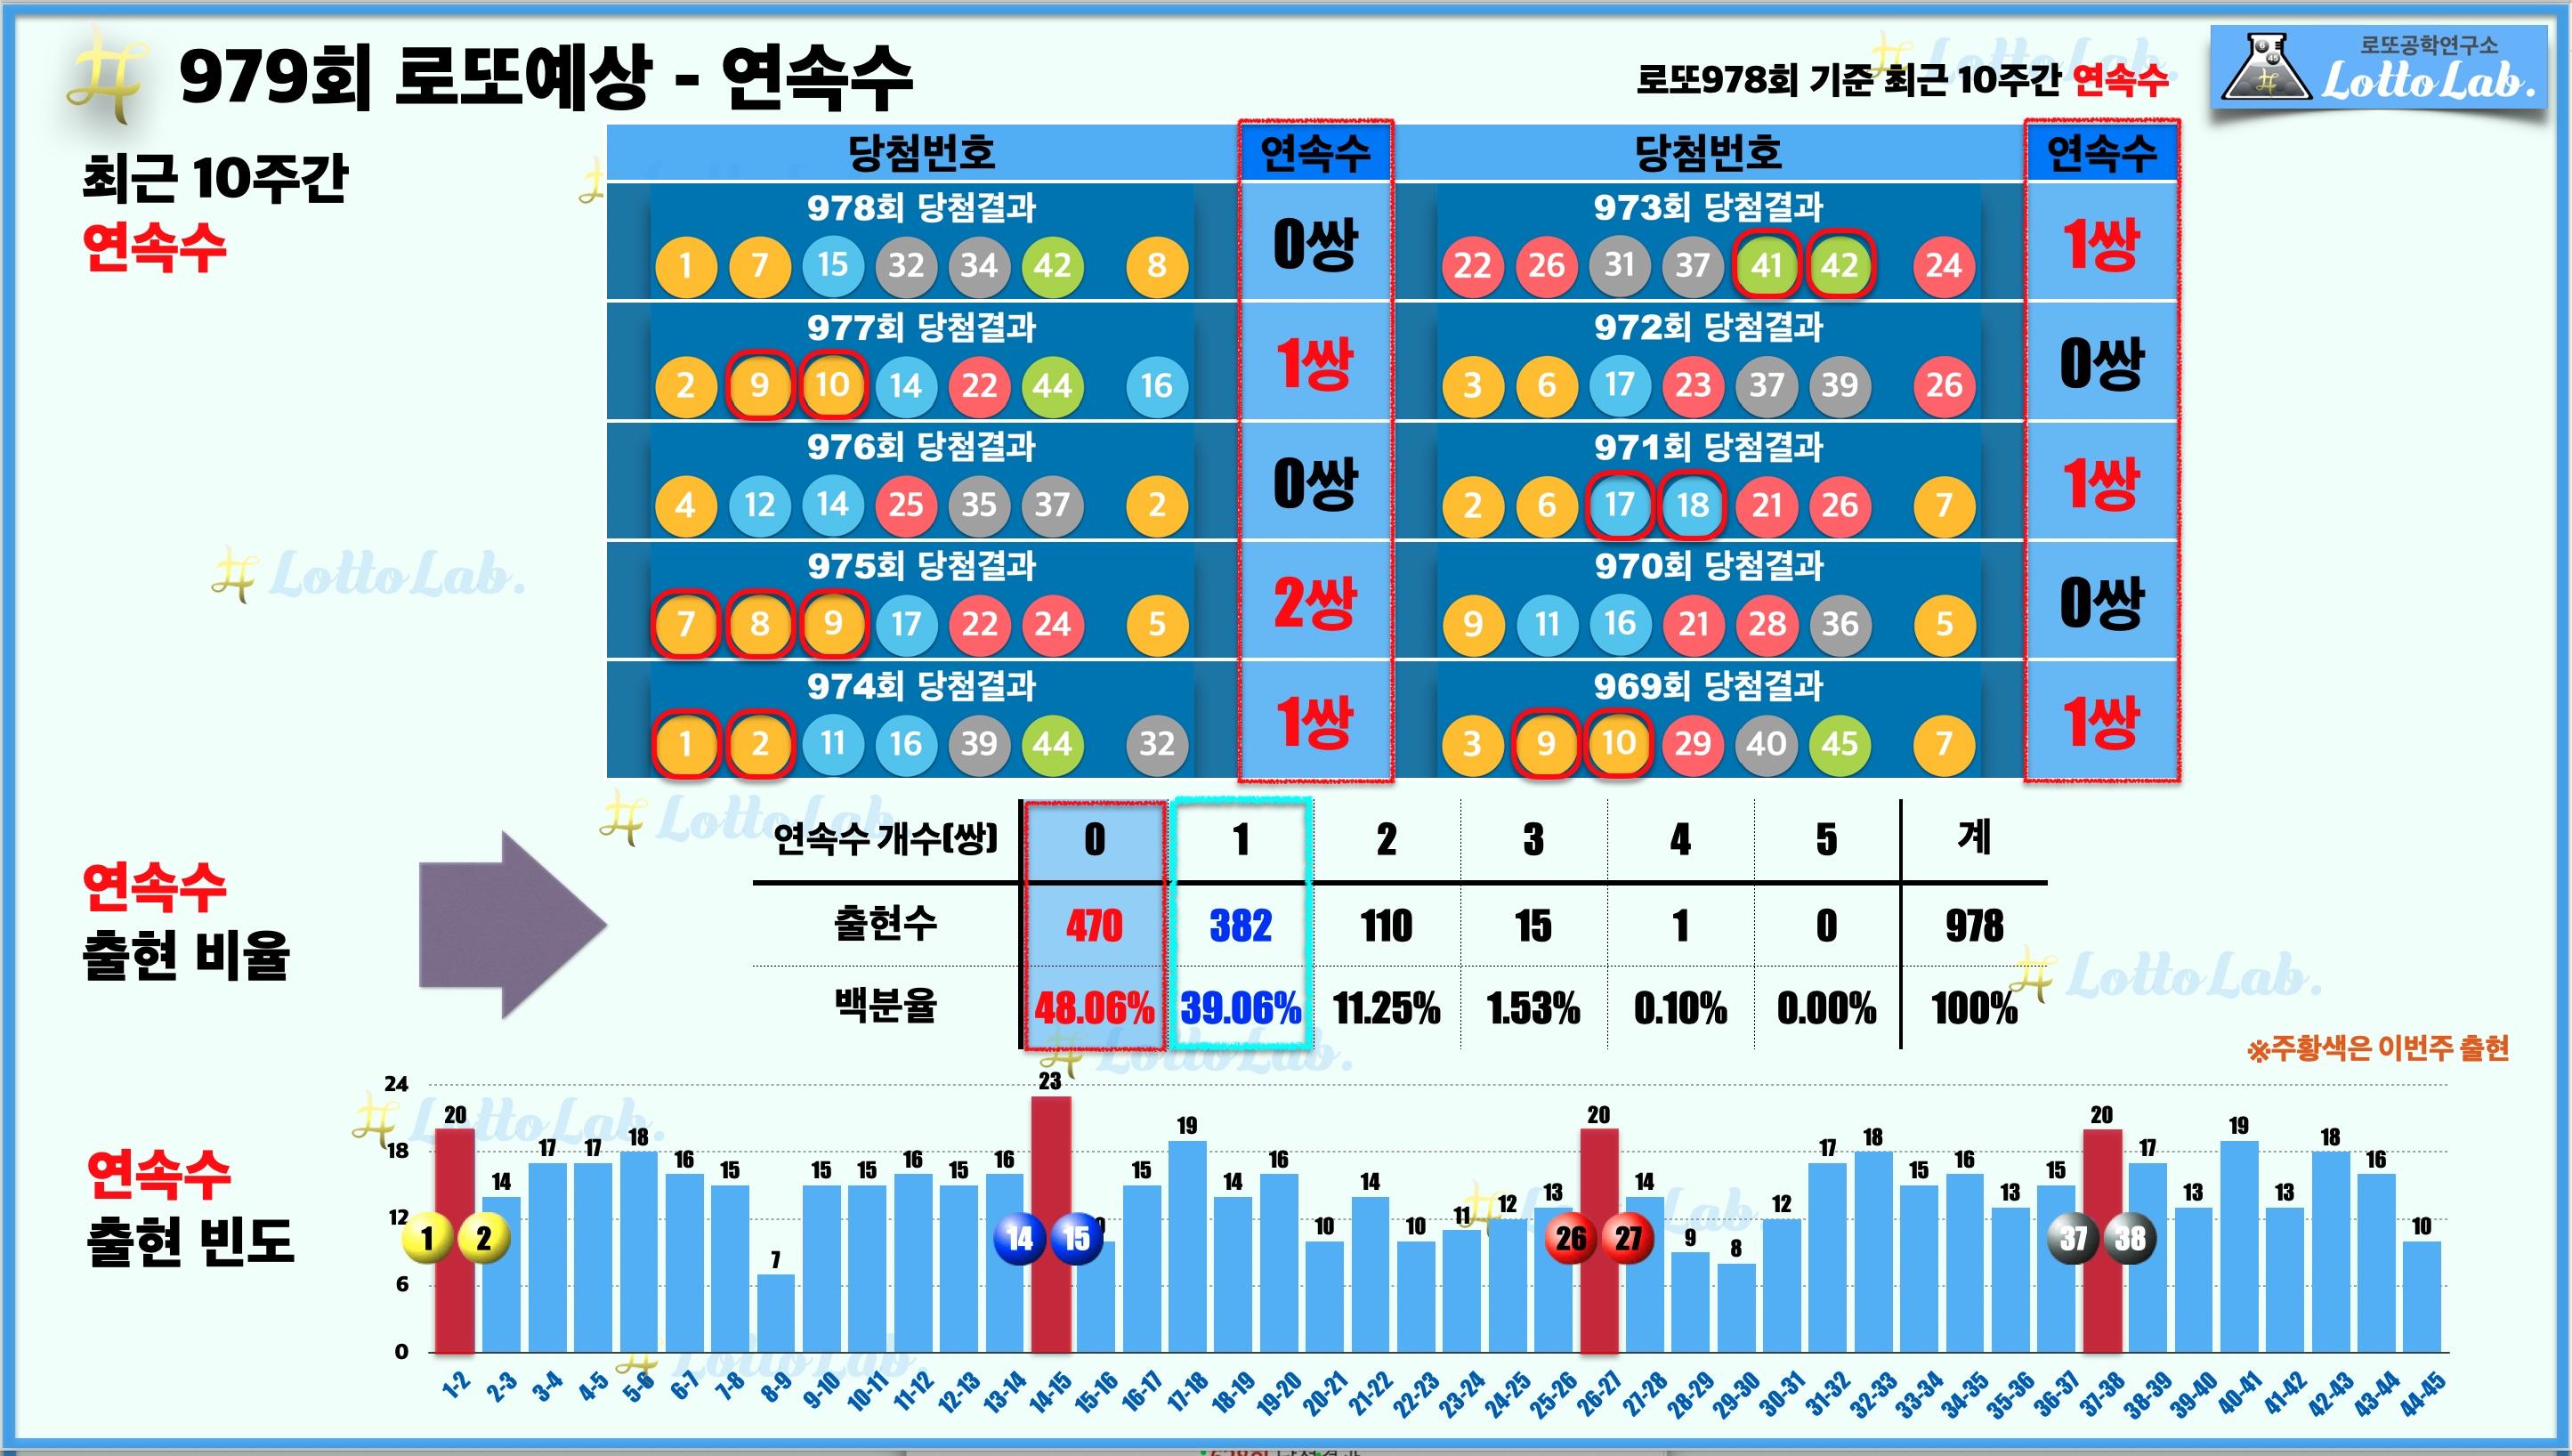 로또랩 로또979 당첨 번호 예상 - 연속수